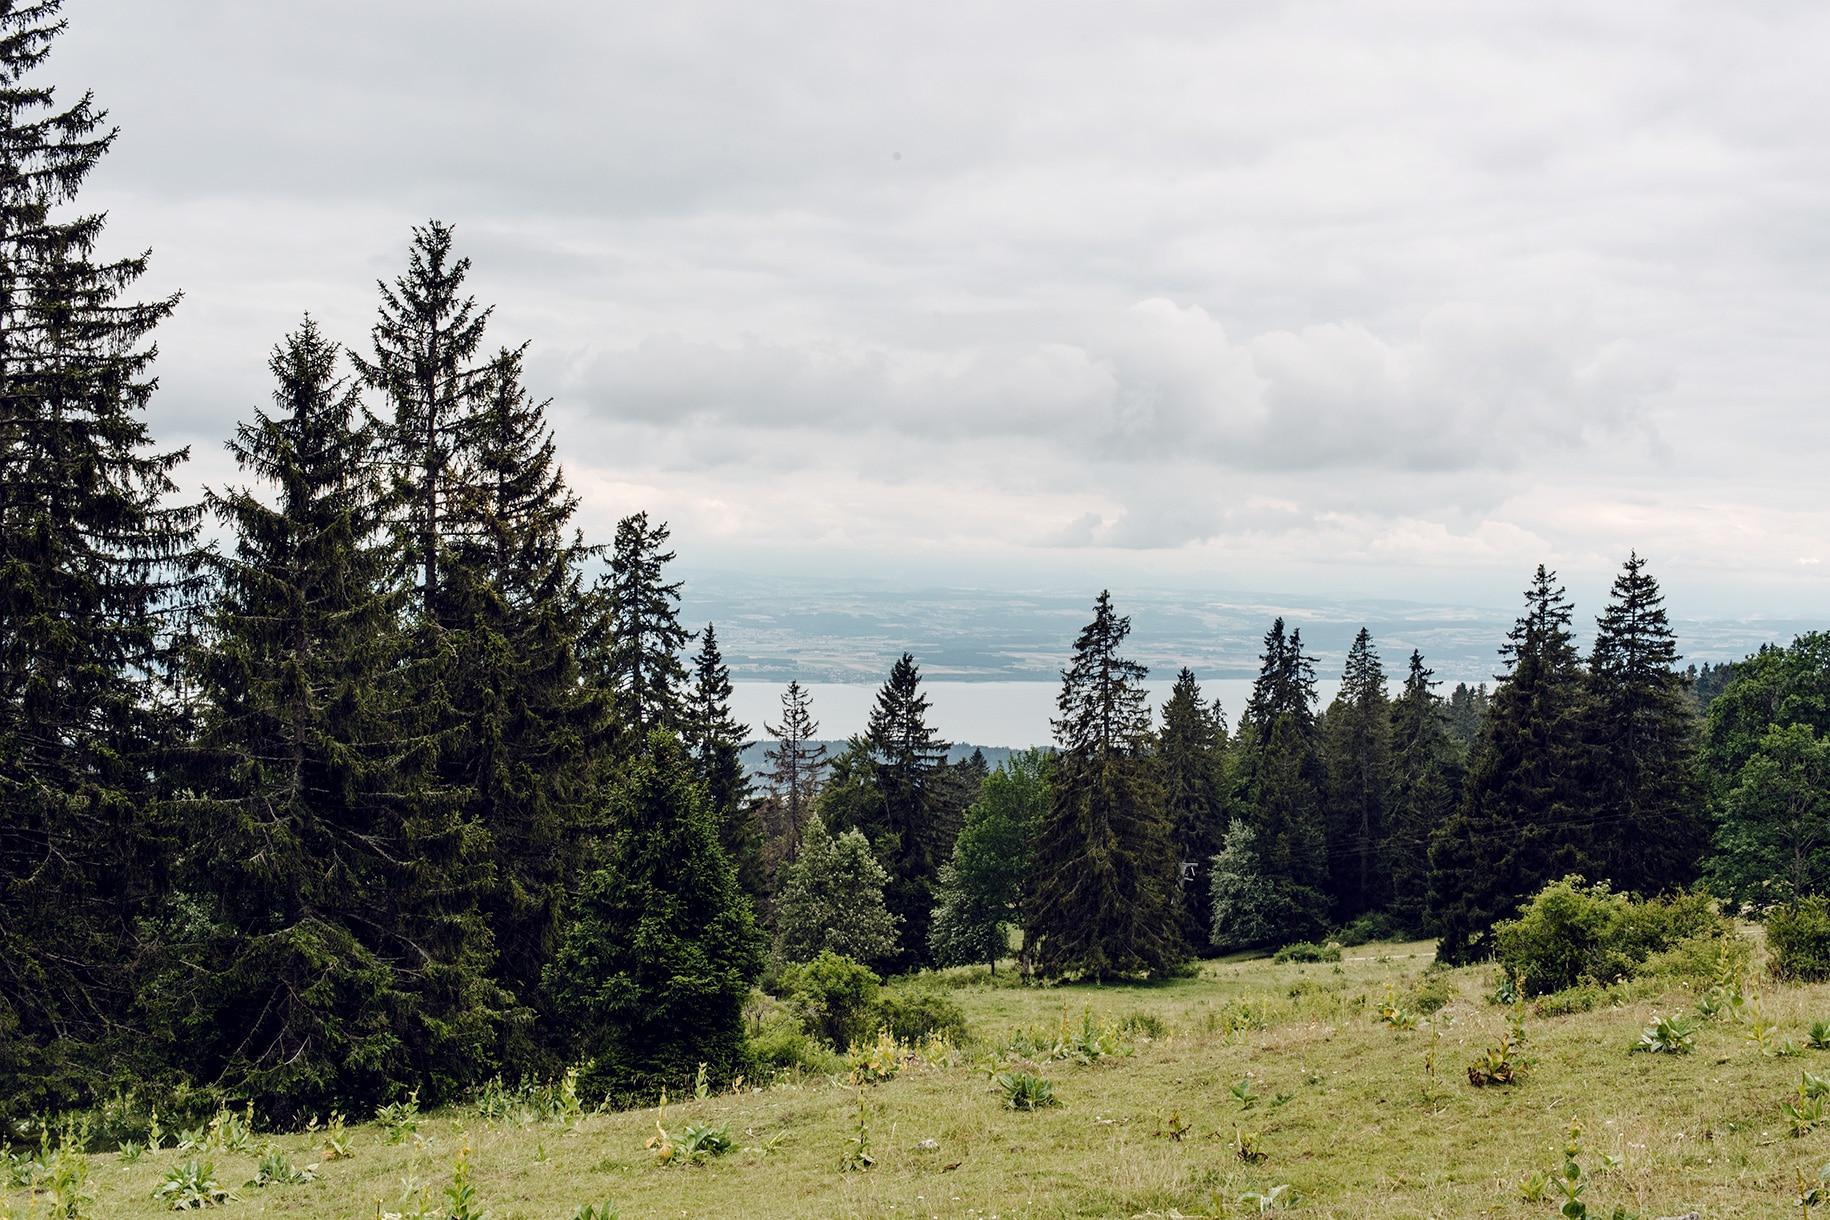 Vue sur le lac de Neuchâtel depuis les pâturages du Val de Ruz